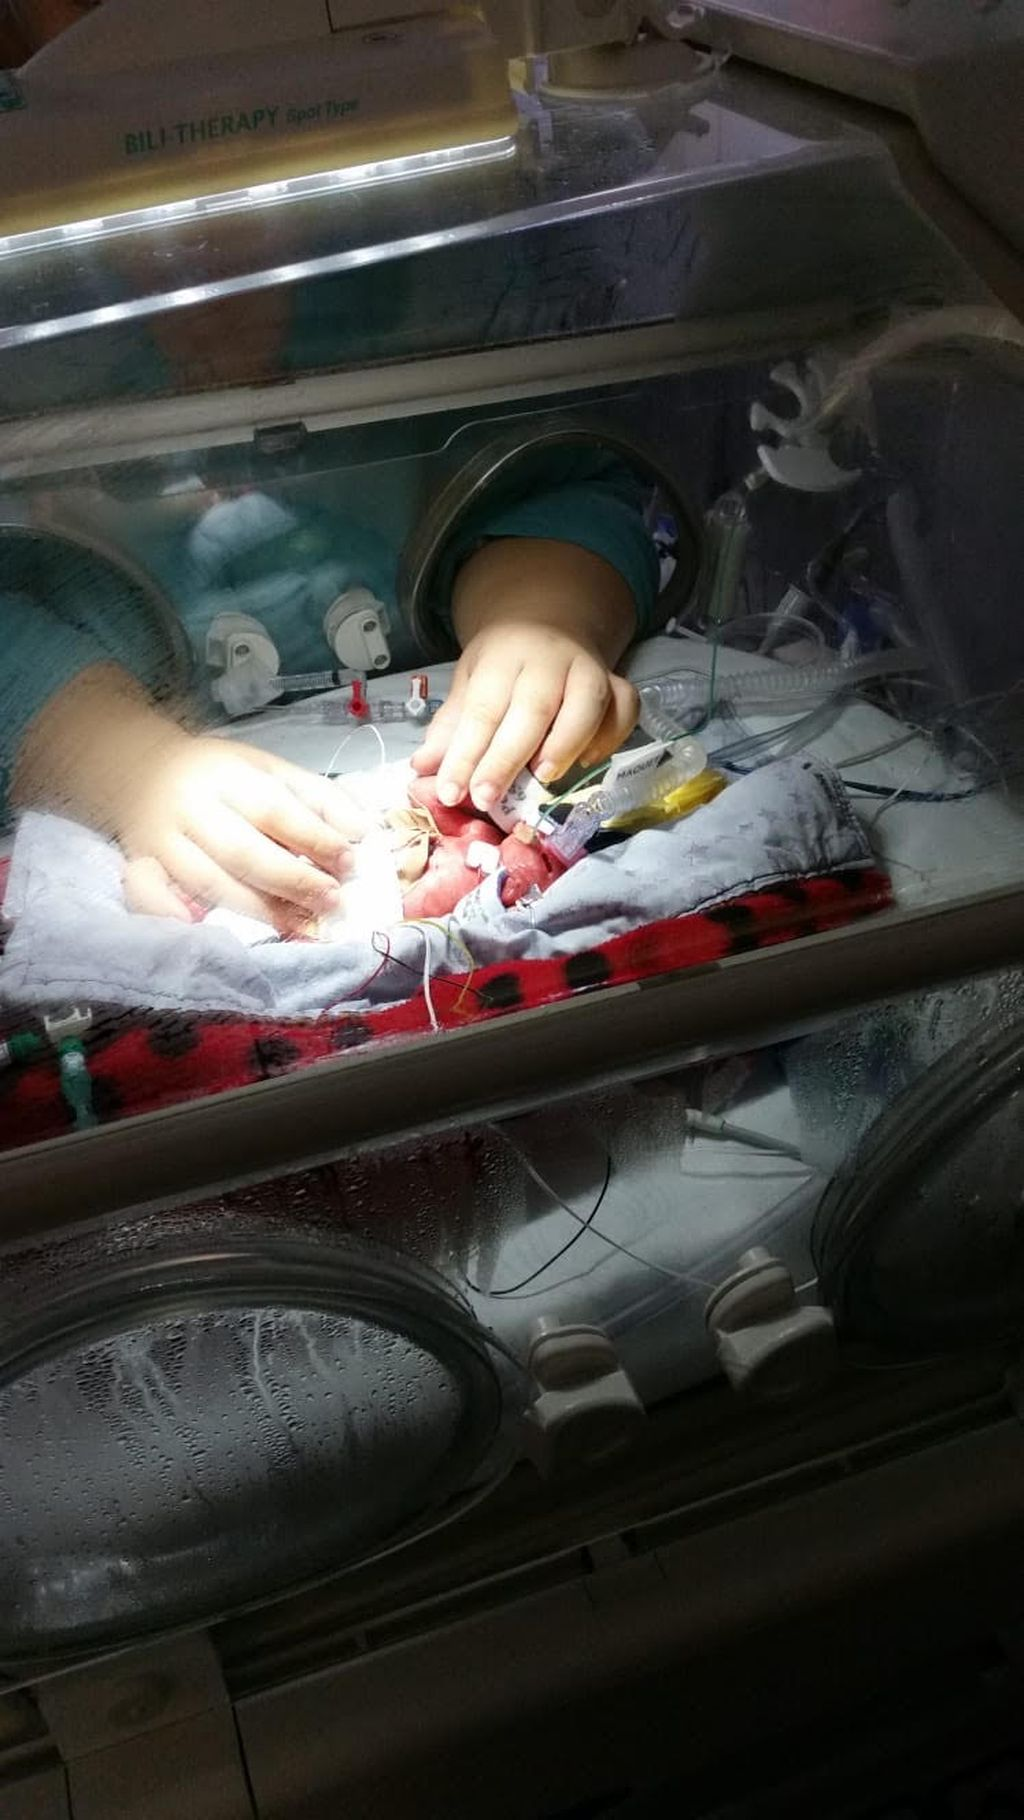 Äidin kosketus. Ensimmäiset kerrat äiti pääsi hoitamaan pientä tyttöään keskoskaapin sisällä.